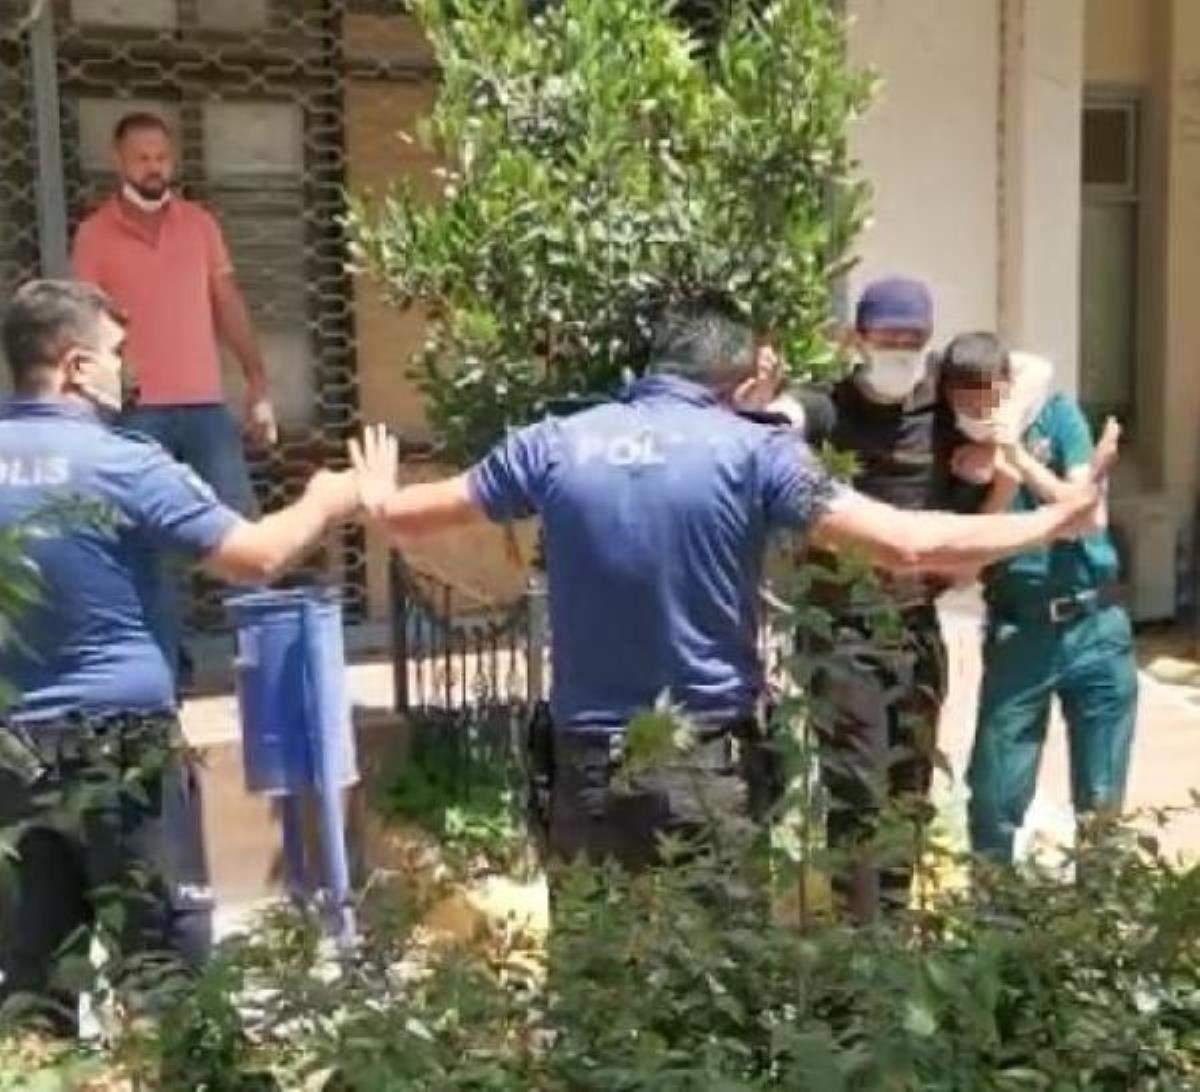 Engelli memuru bıçakla rehin alan şüpheli, tutuklandı